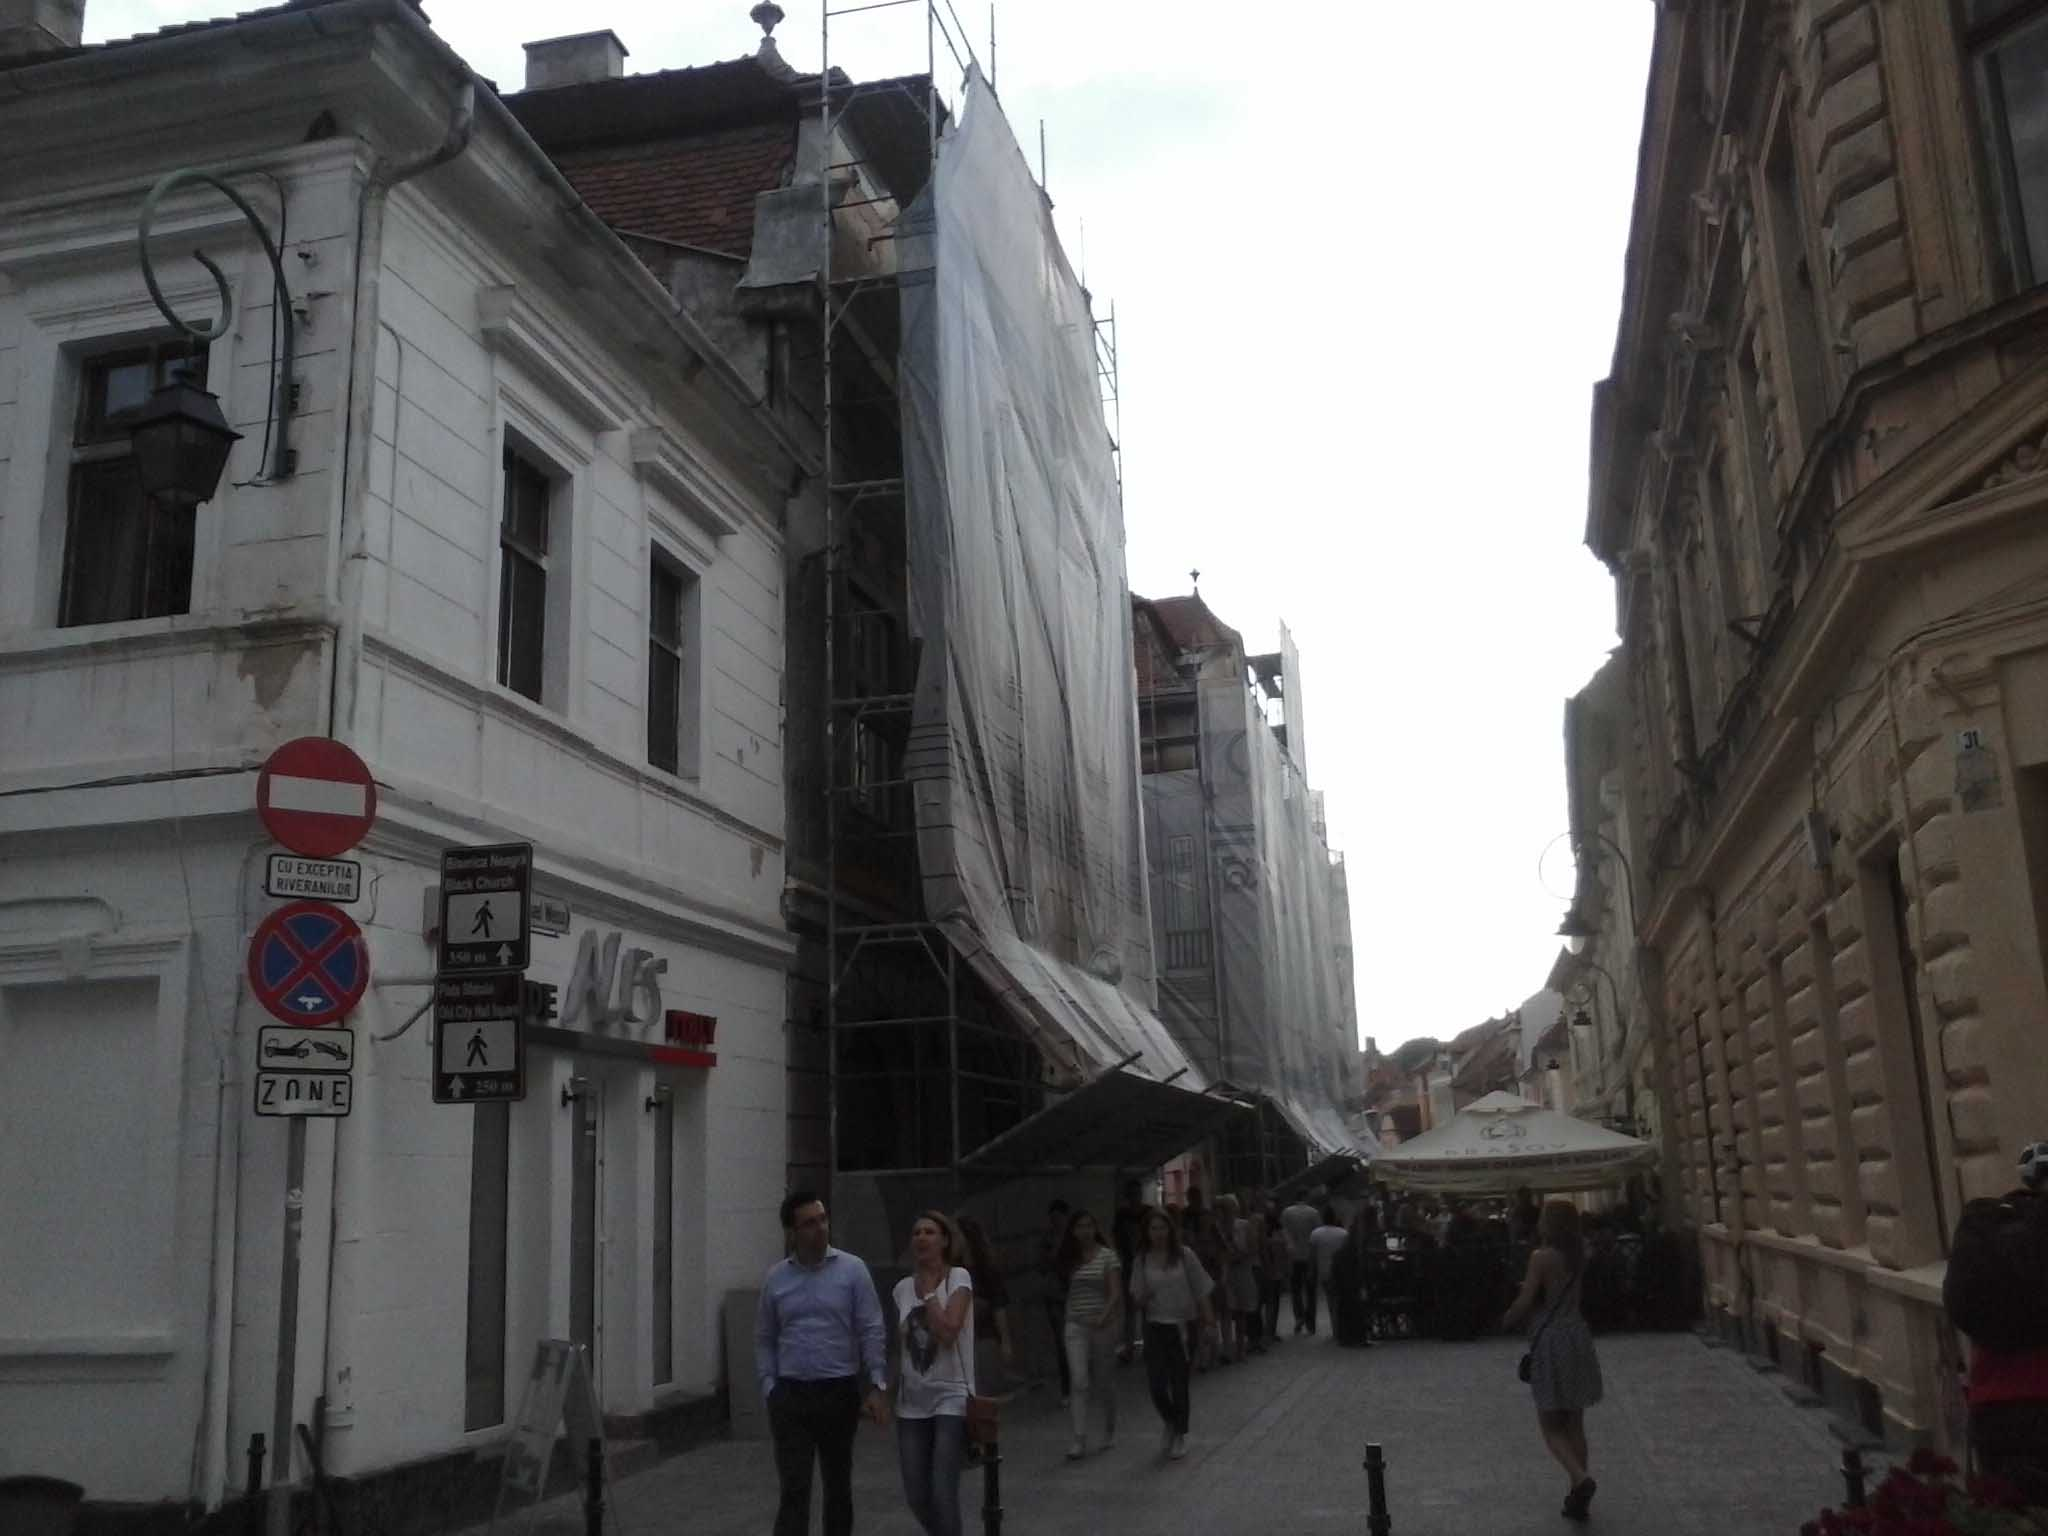 """S-au stabilit prioritățile pentru refacerea clădirilor degradate prin """"Legea fațadelor"""", care oferă posibilitatea finanțării lucrărilor cu fonduri de la bugetul local"""